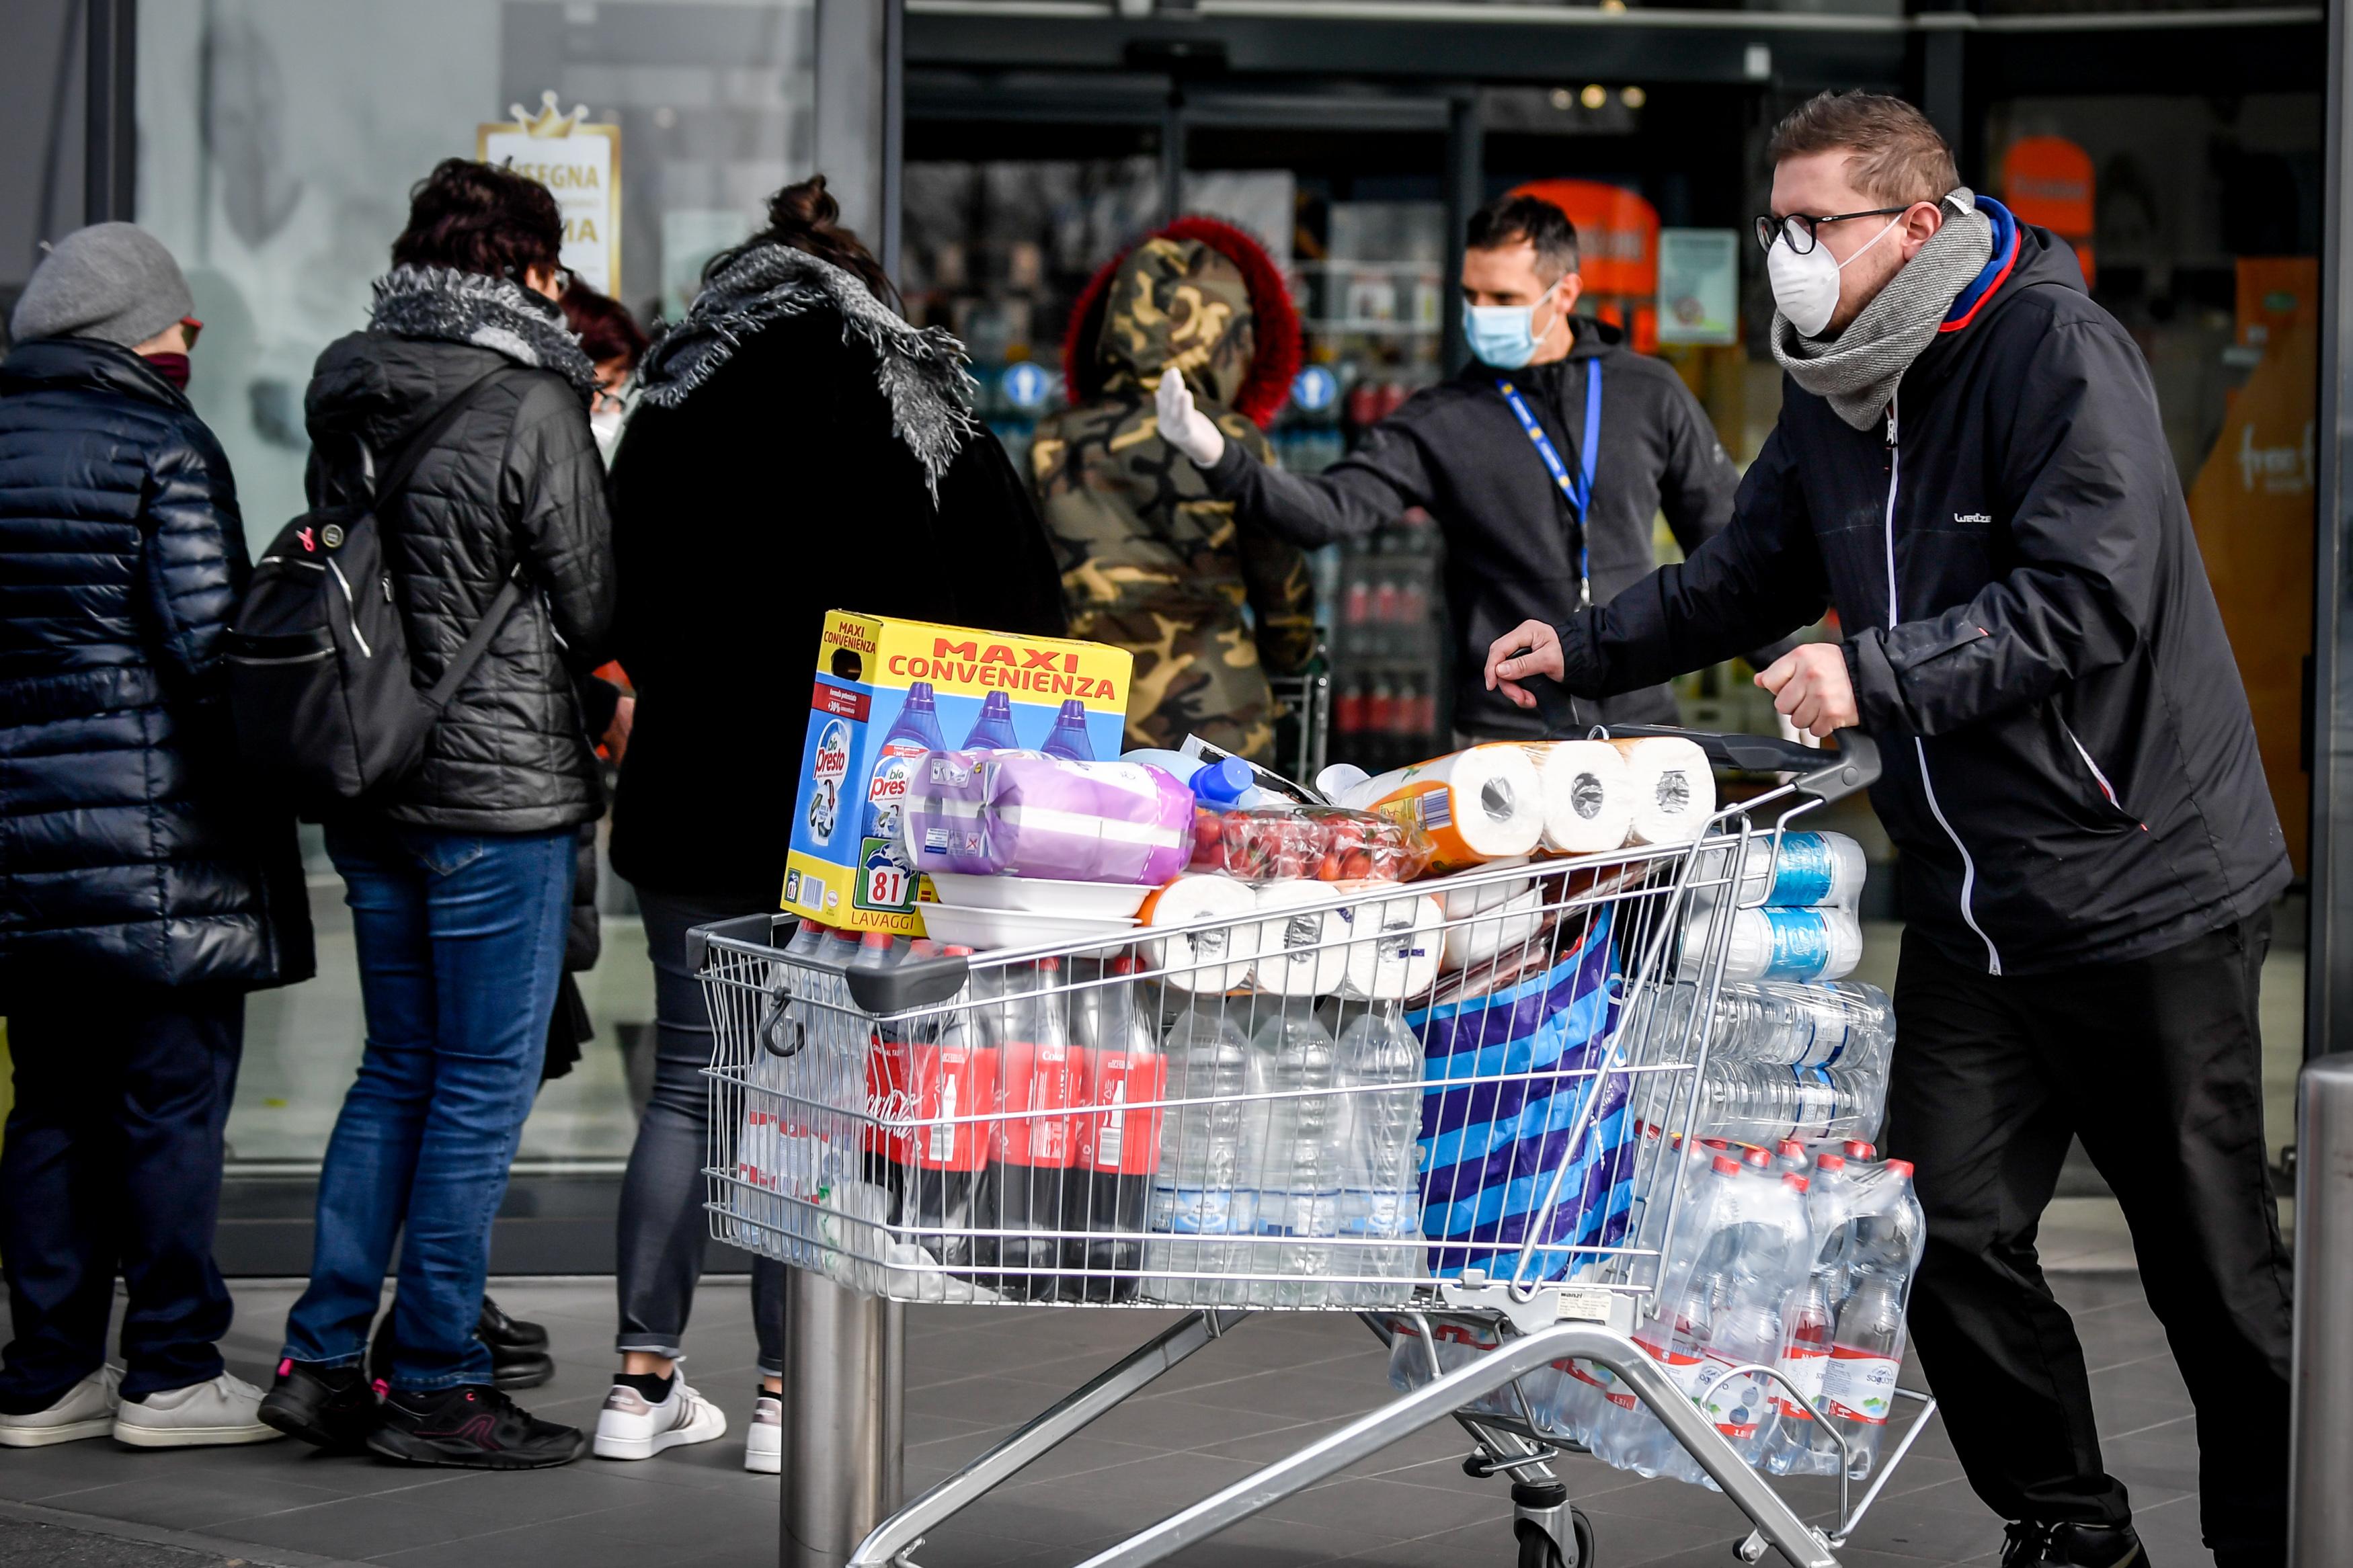 Foto Claudio Furlan - LaPresse  23 Febbraio 2020 Casalpusterlengo (Italia)  News Code al supermercato per gli approvvigionamenti nella zona del lodigiano colpita dal coronavirusPhoto Claudio Furlan - LaPresse 23 Febbraio 2020 Casalpusterlengo (Italy) NewsQueues at the supermarket for supplies in the Lodi area affected by the coronavirus